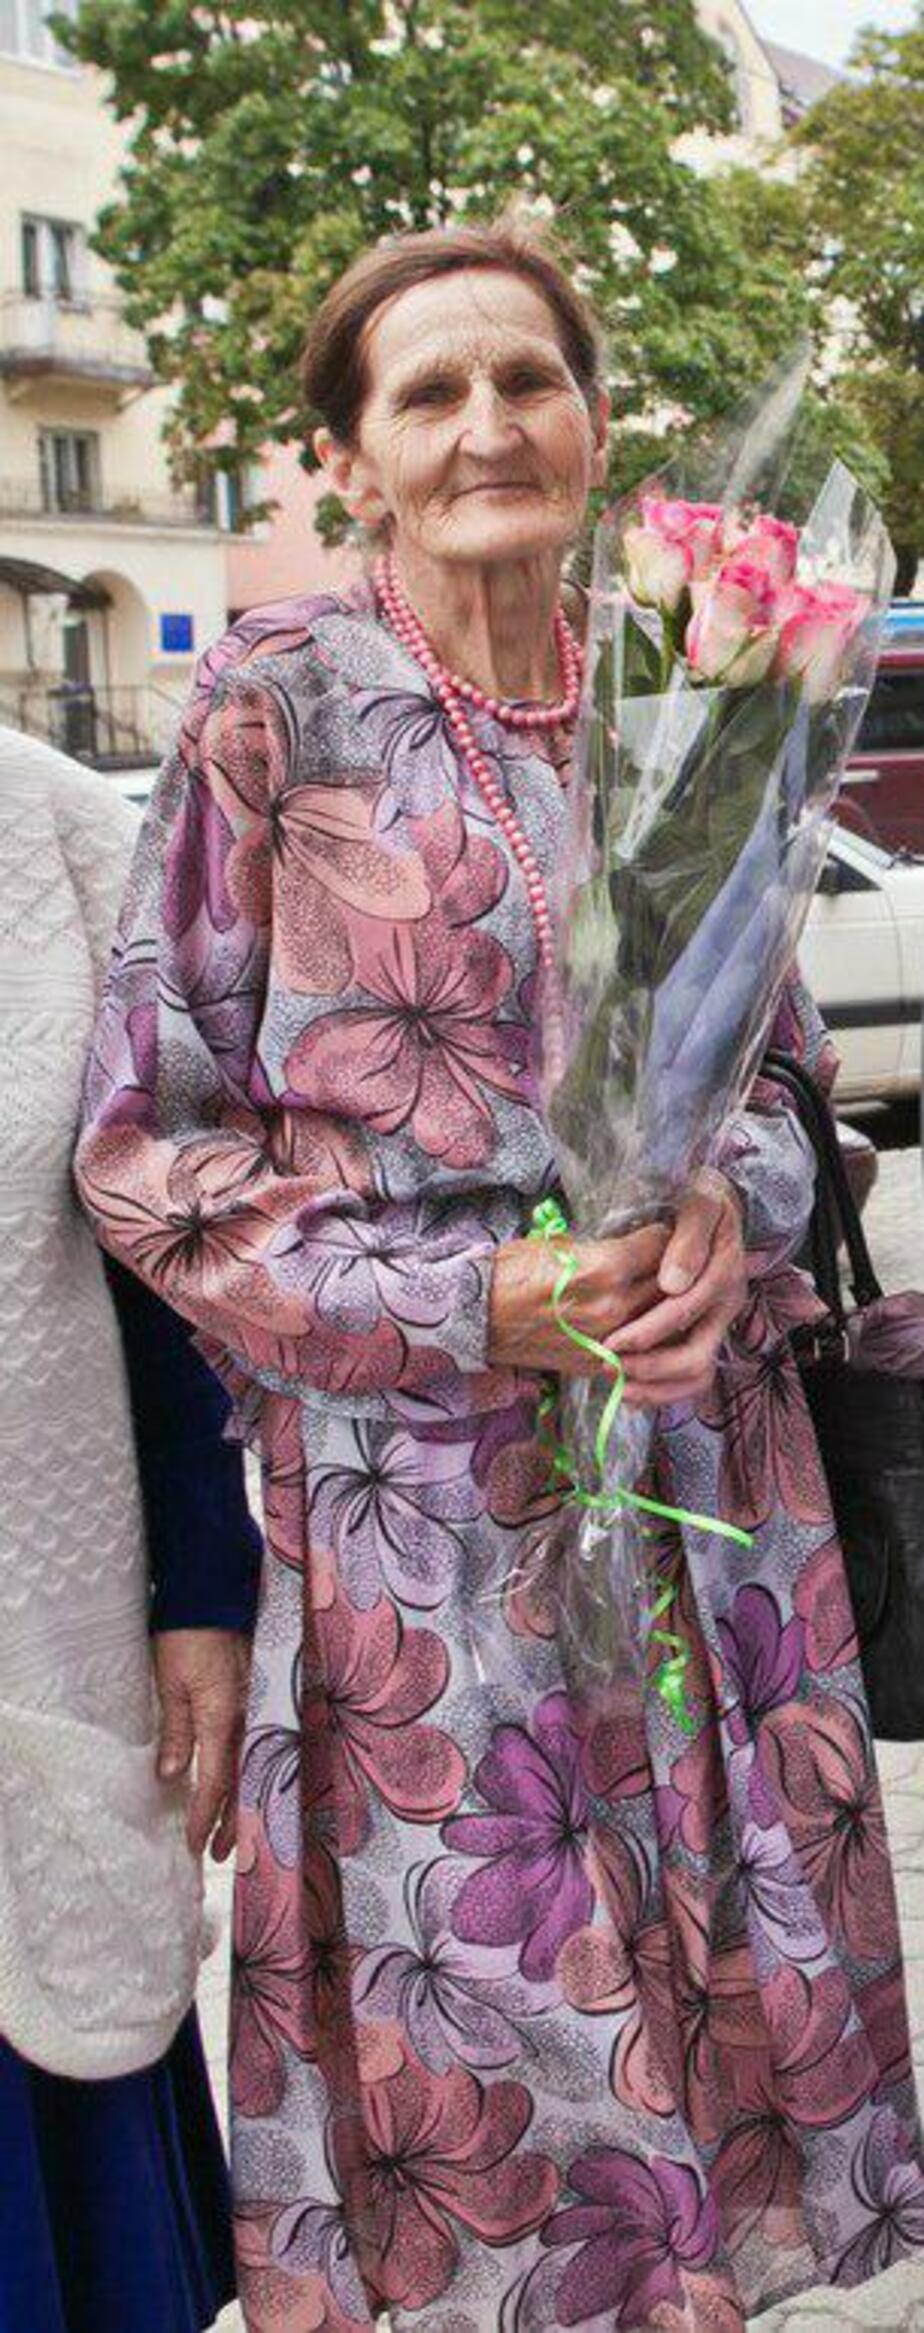 В Калининграде ищут пропавшую 83-летнюю женщину (фото) - Новости Калининграда